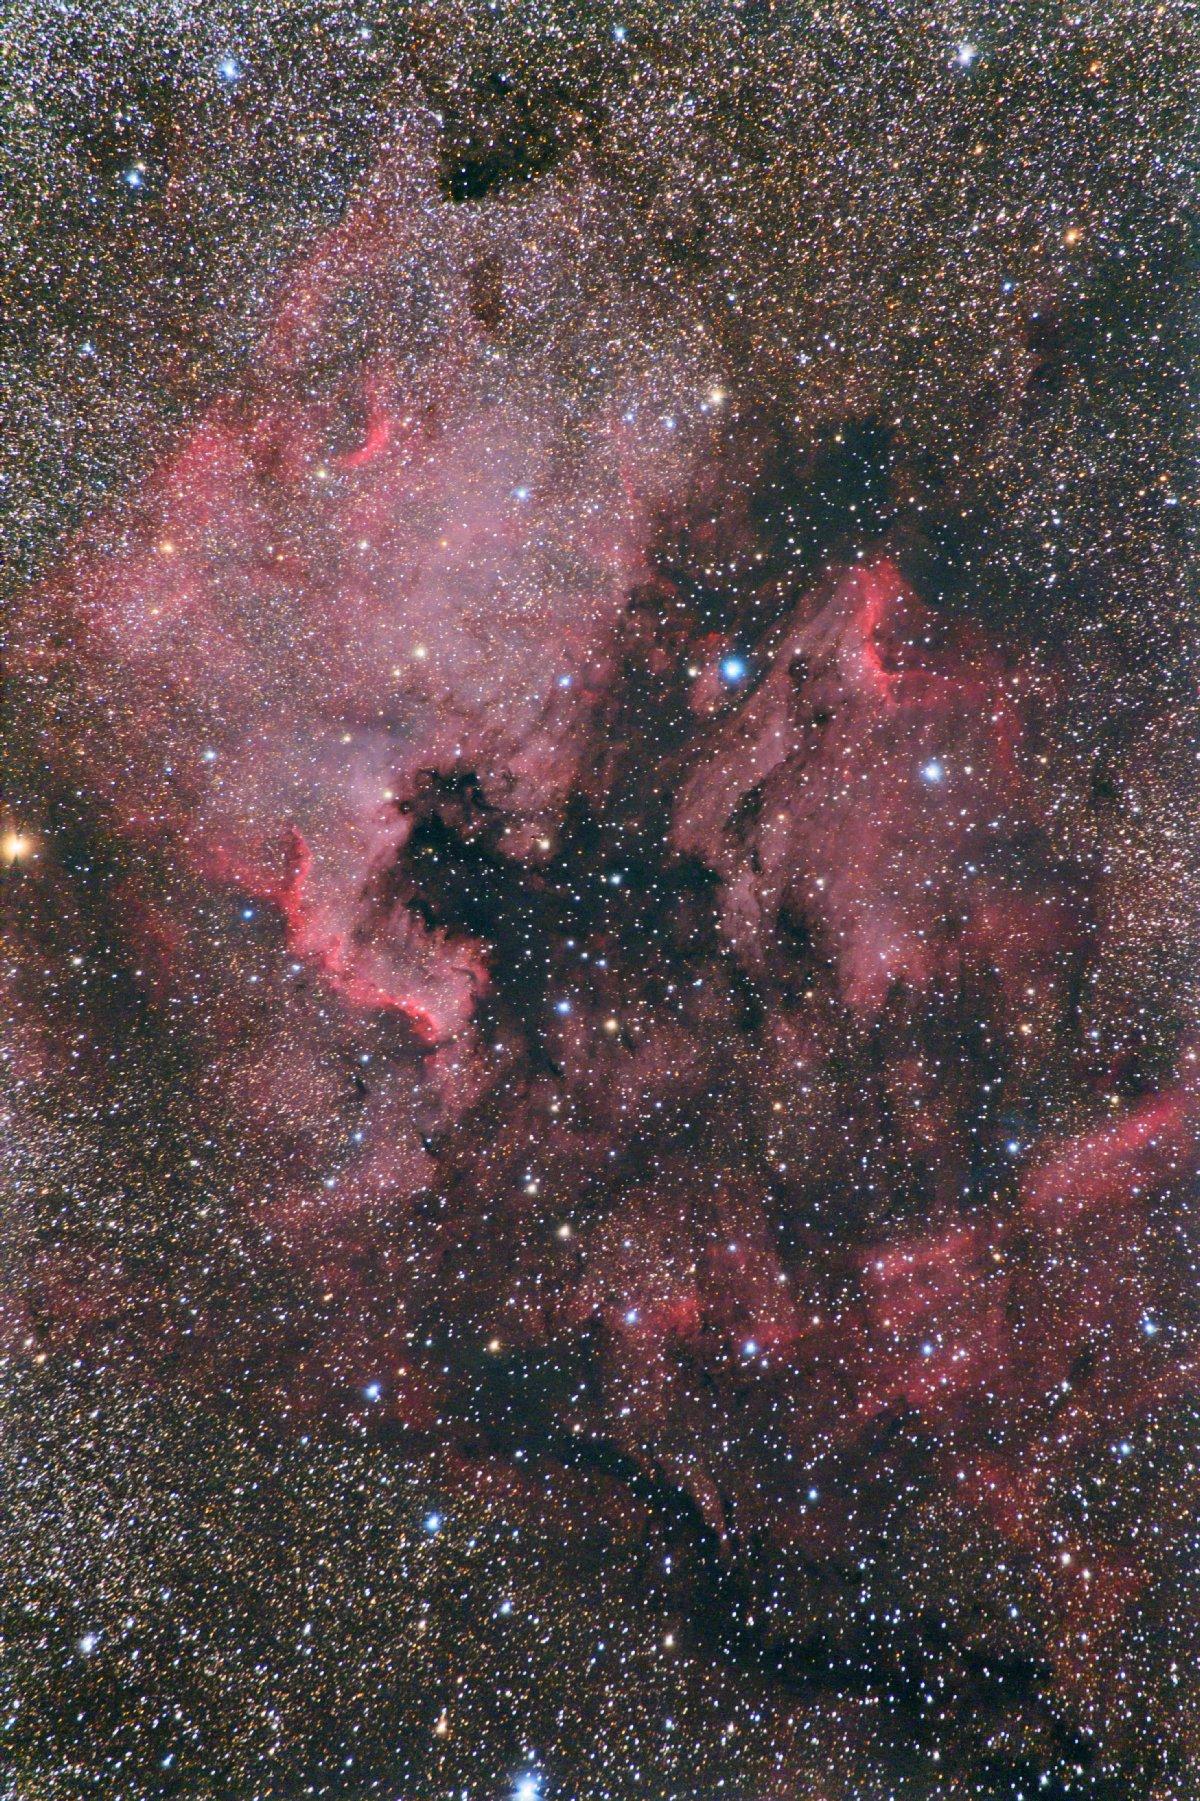 【星雲】NGC7000他 オカペリ (北アメリカ&ペリカン星雲)